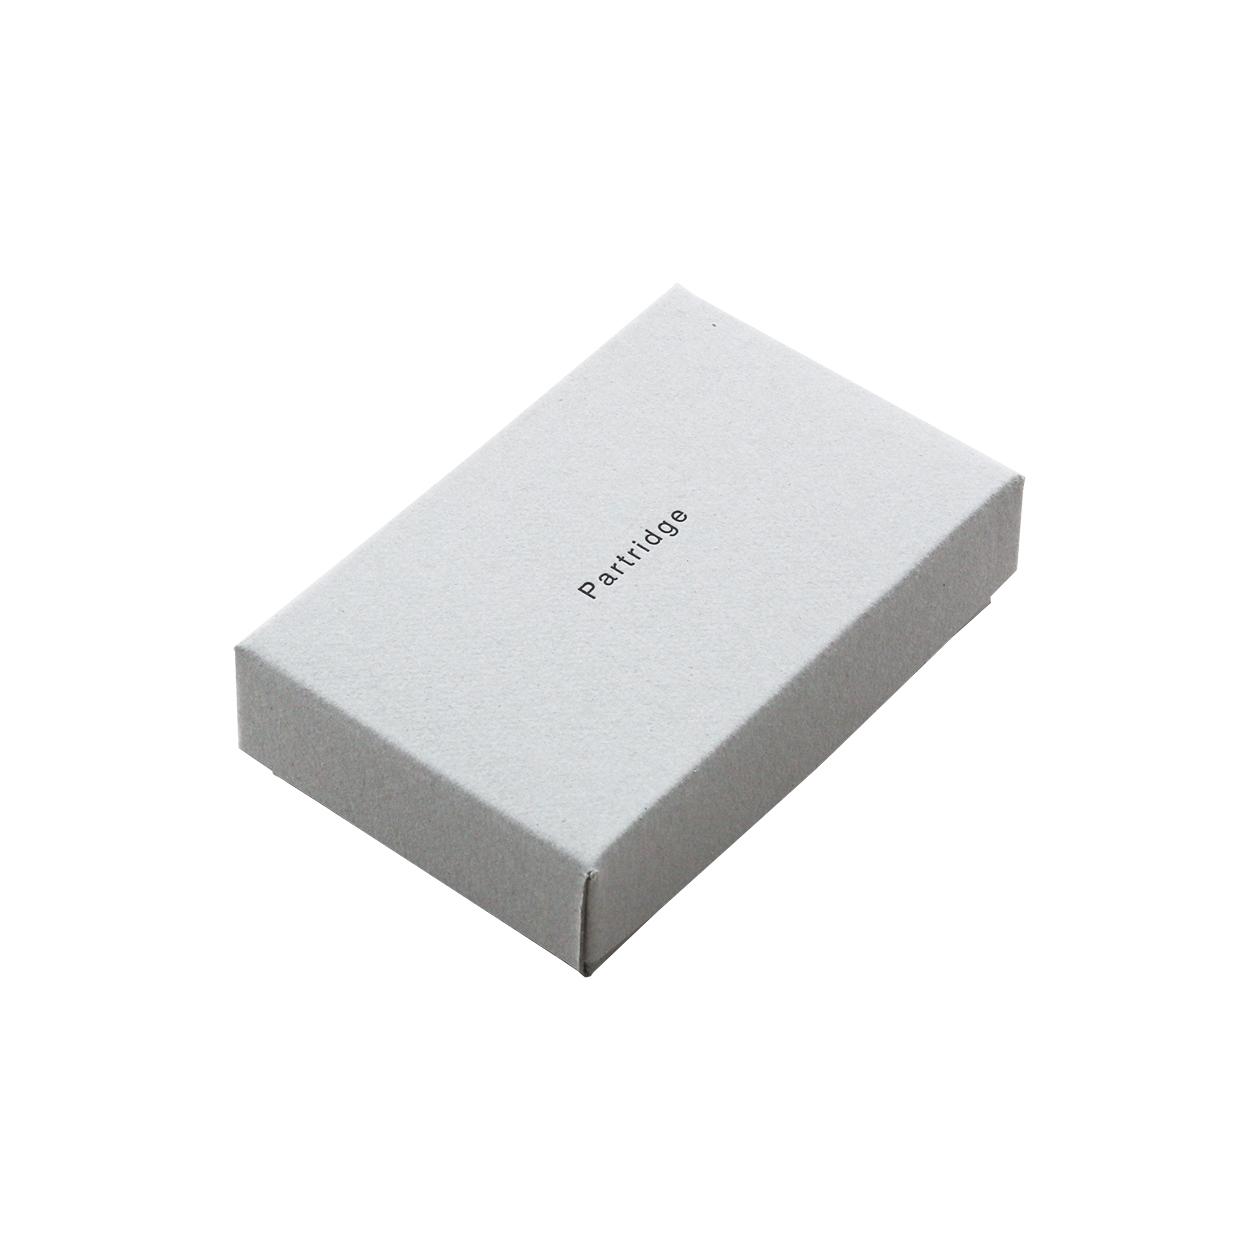 サンプル 箱(糊どめ) 00029